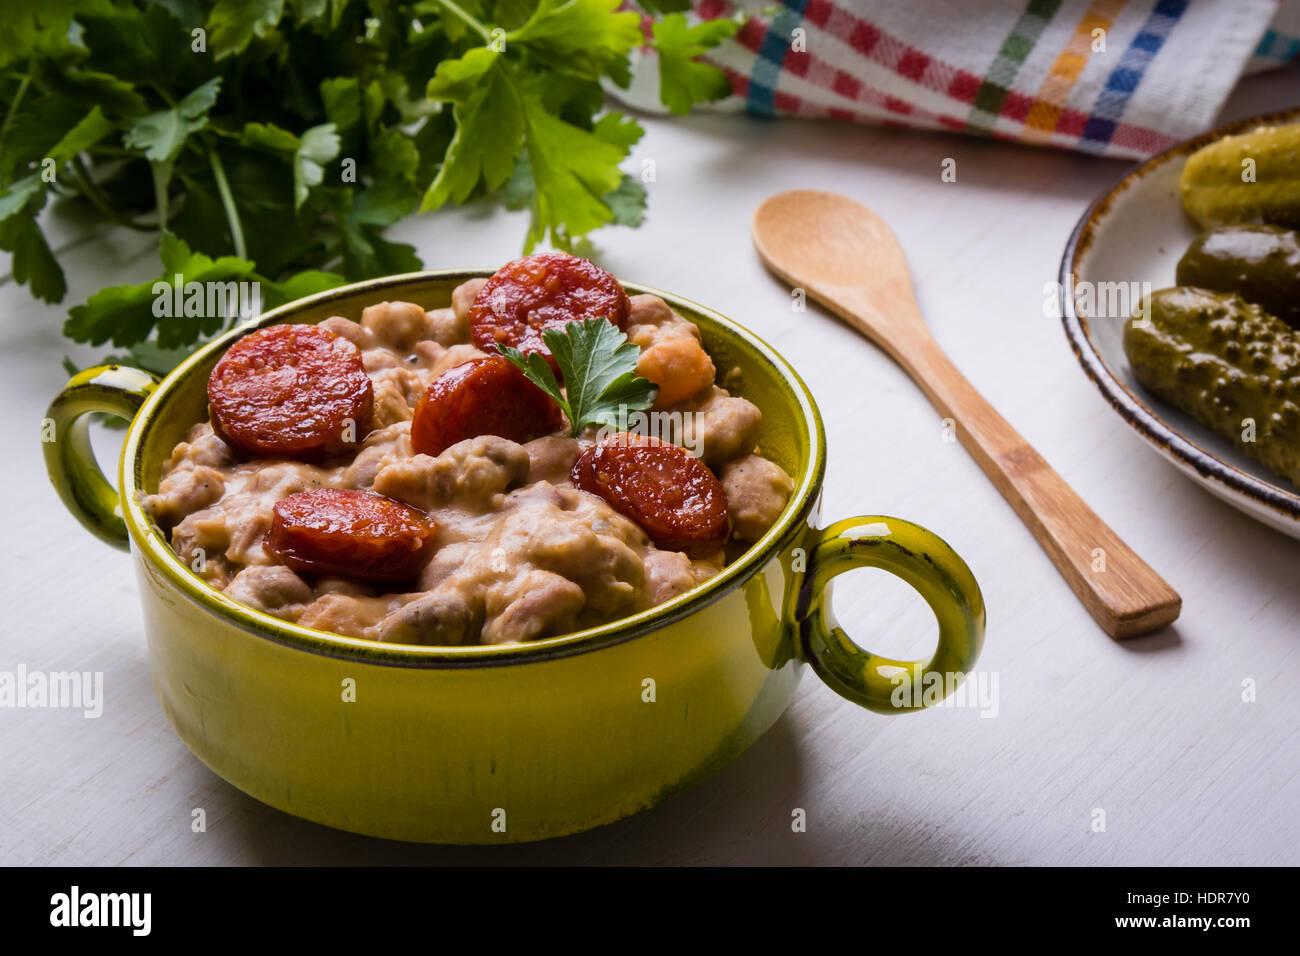 Ragoût de haricots avec de la saucisse au bol vert Photo Stock